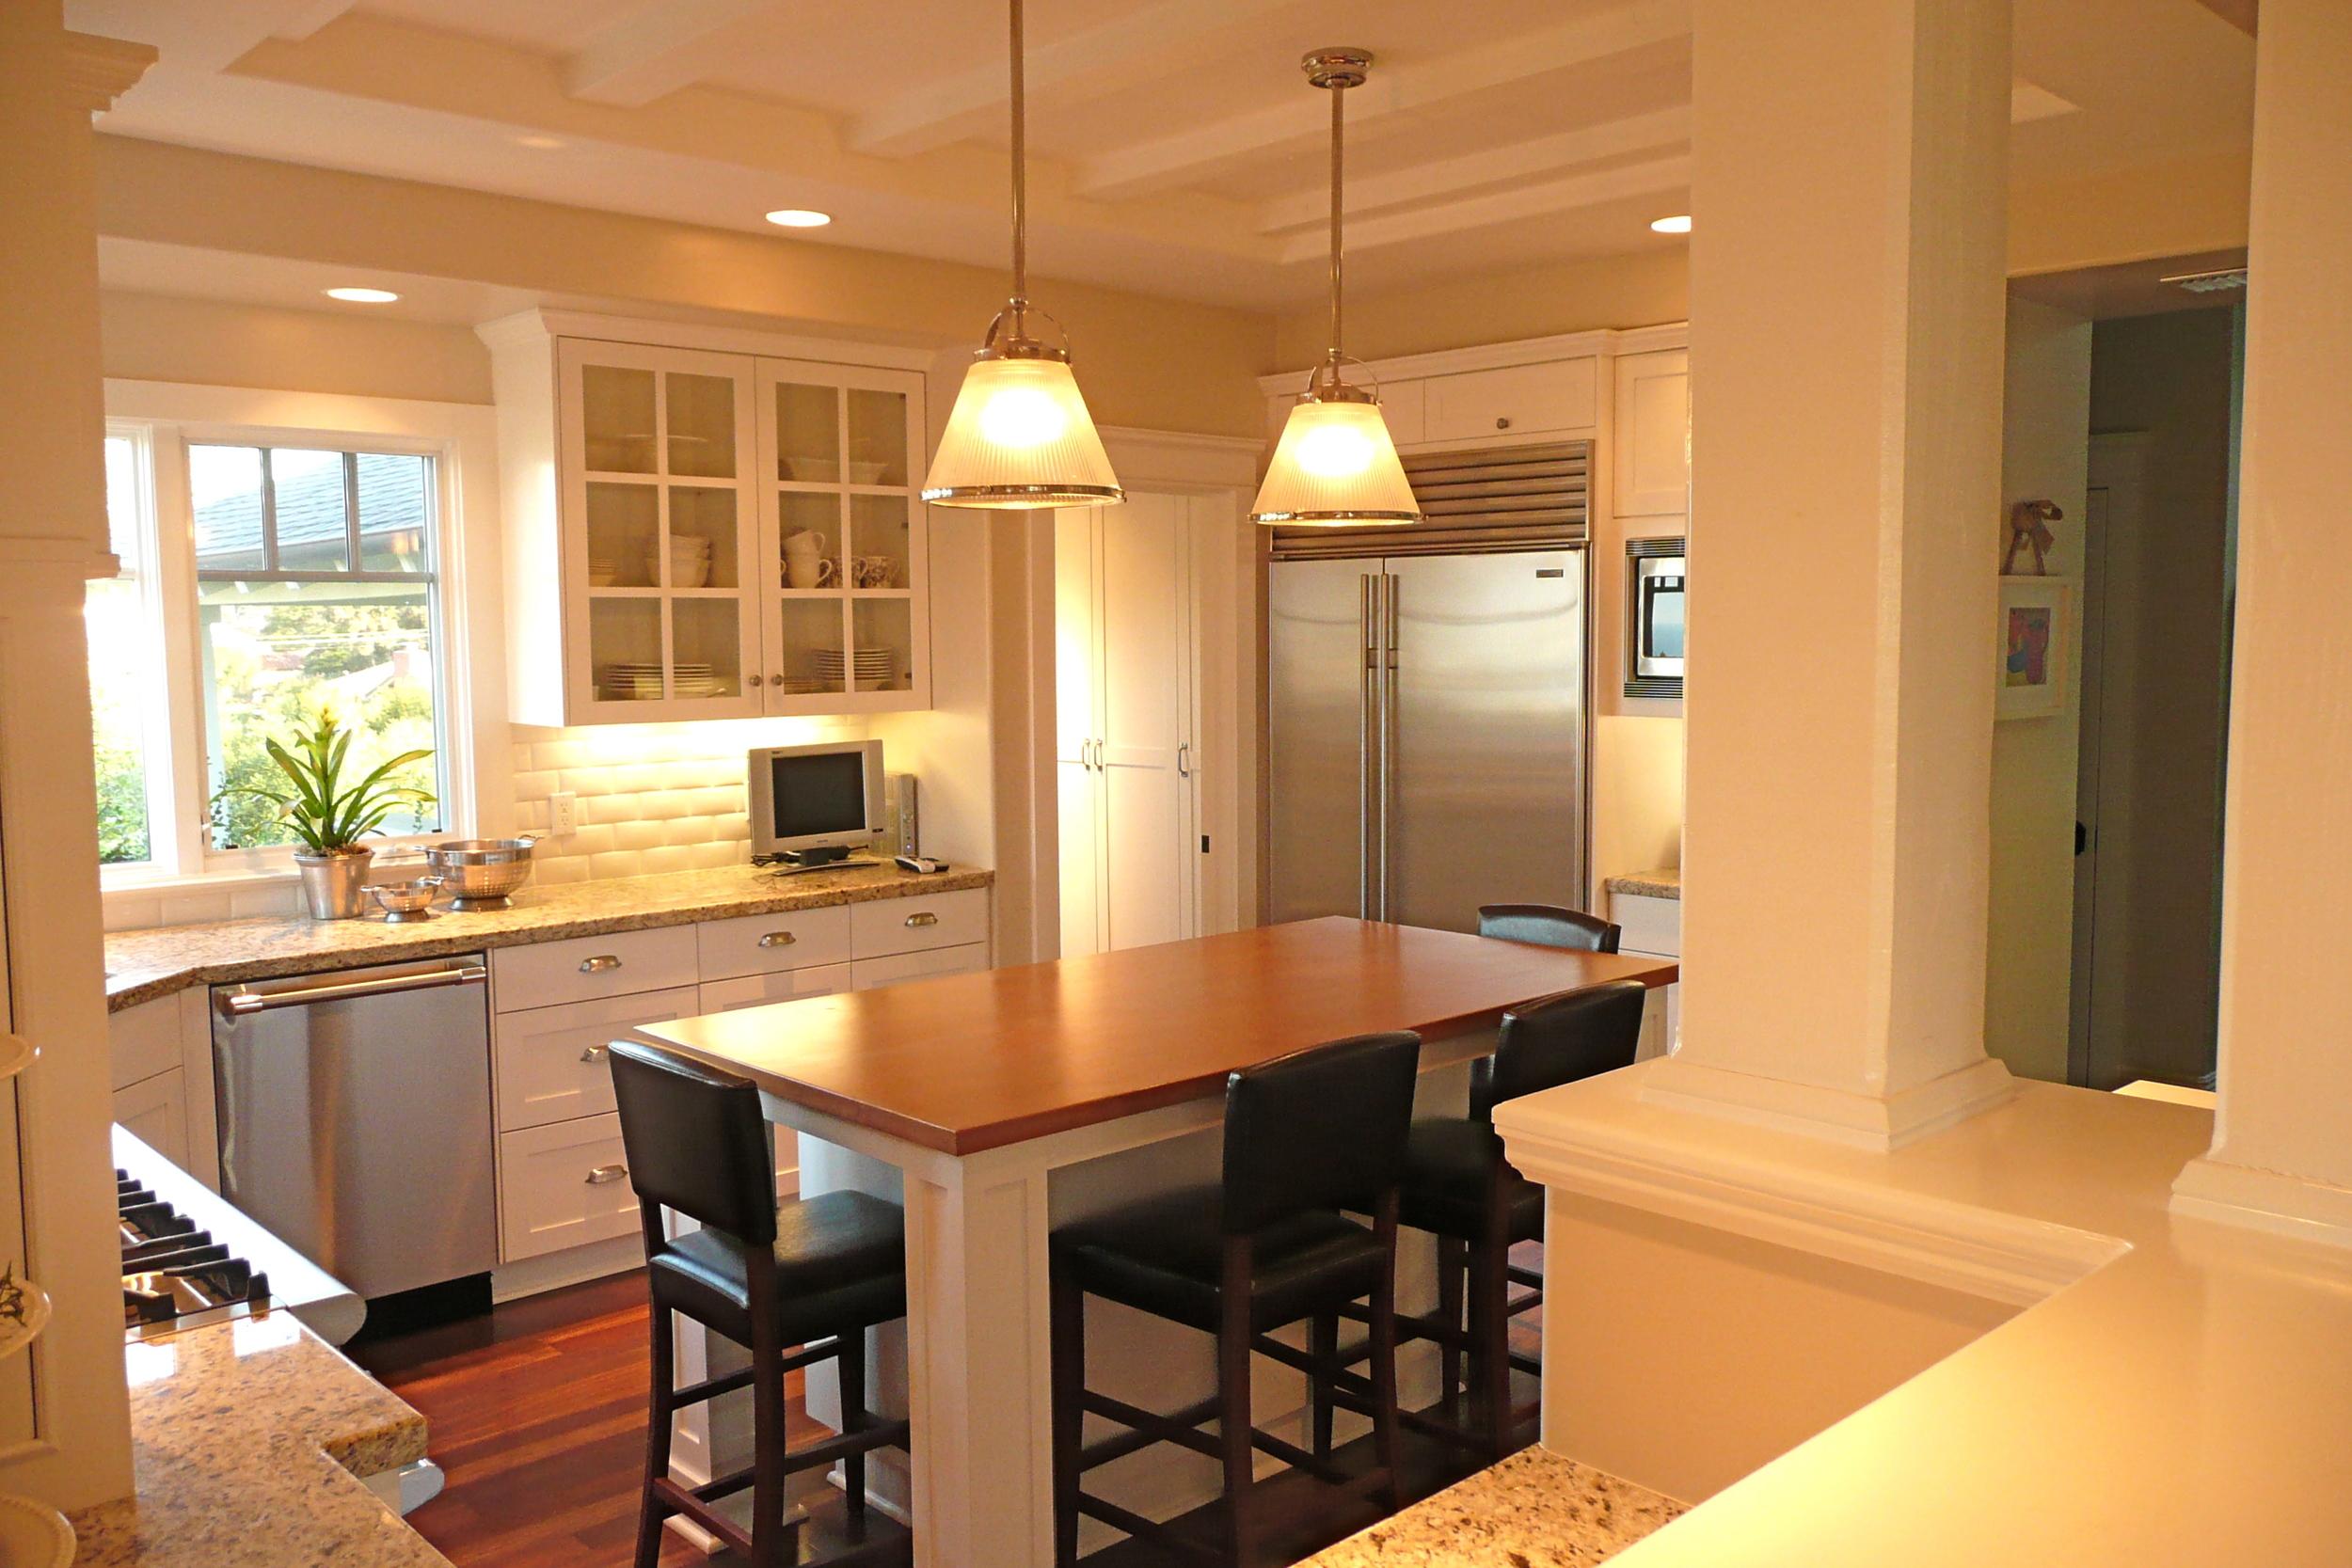 9-351 Kitchen 2.JPG